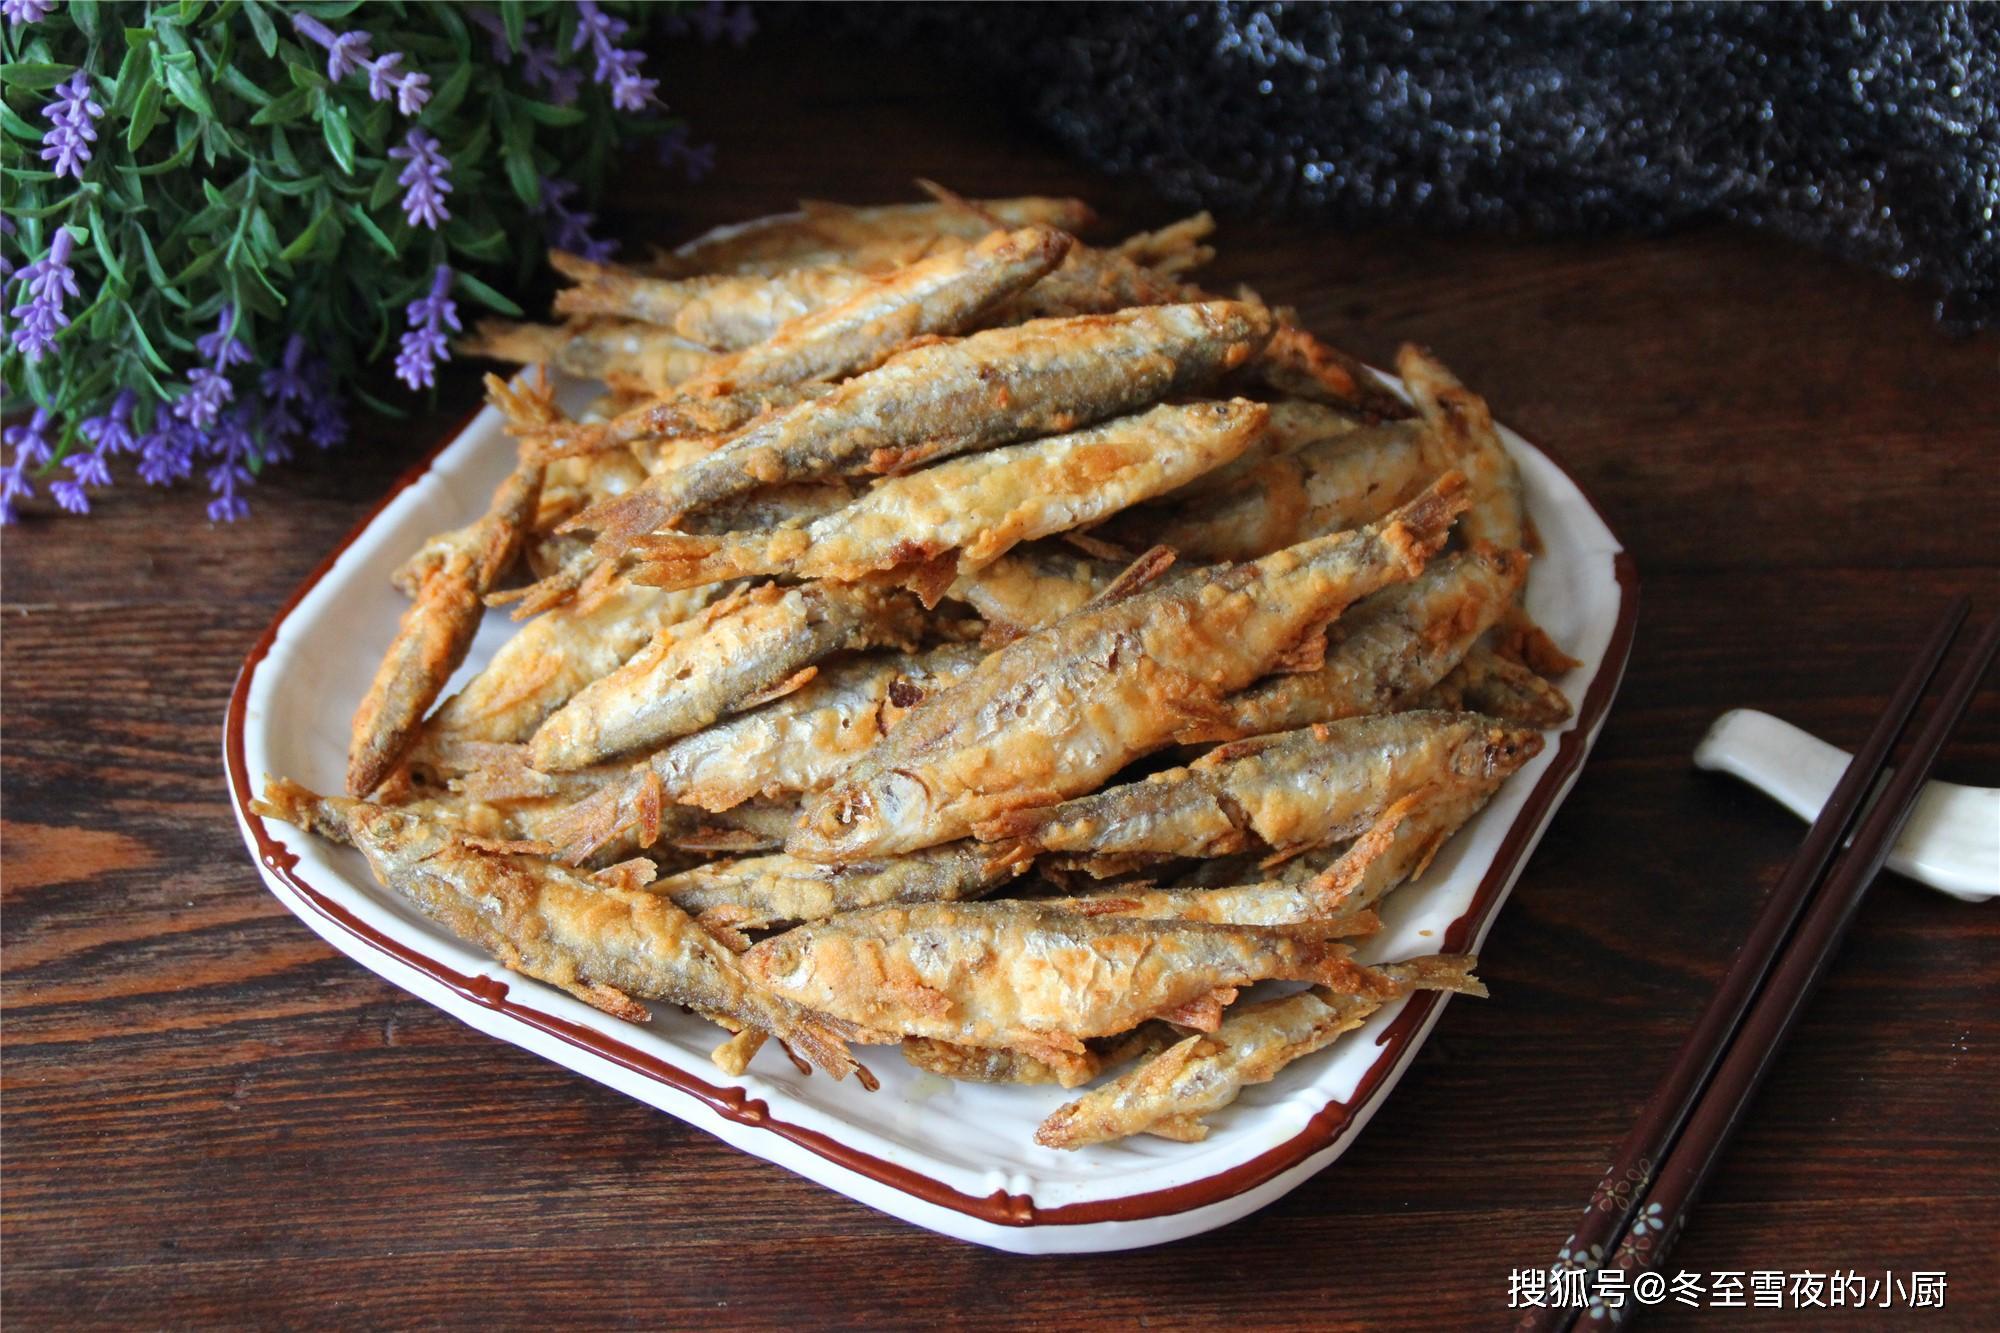 花10块钱买了一斤半的小开江鱼,炸的金黄酥脆,放一天都不回软